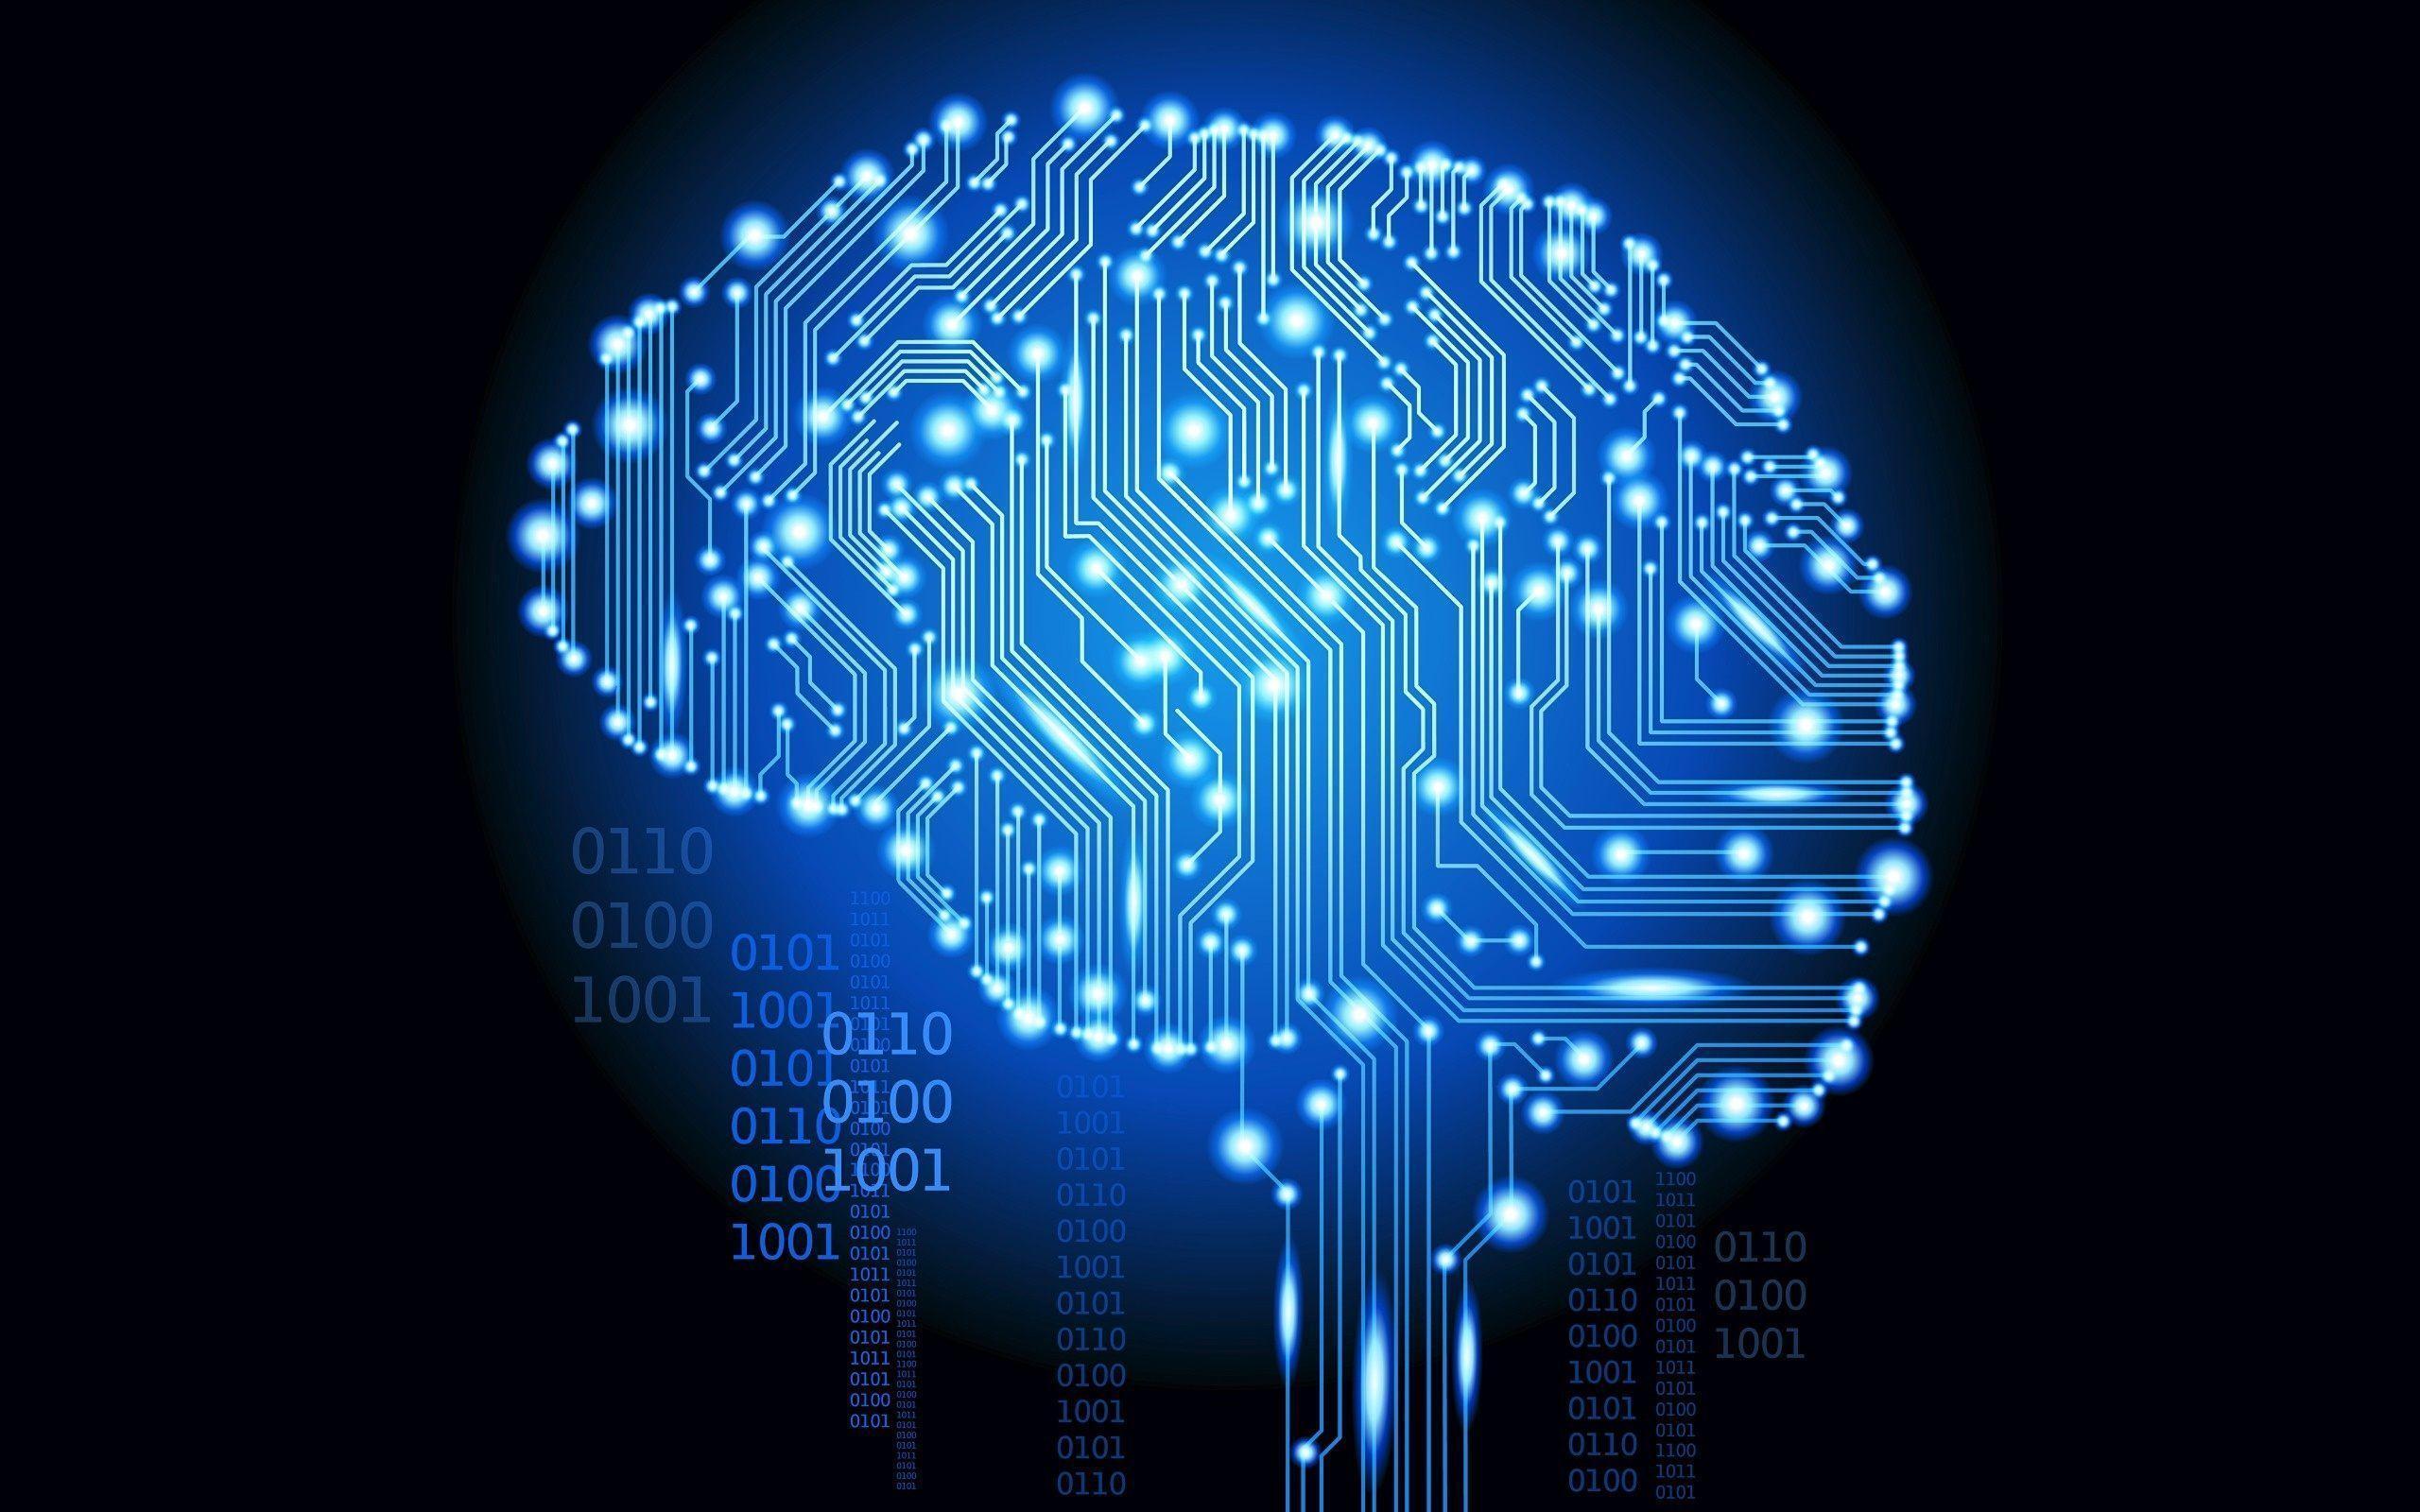 veštačka inteligencija, mozak